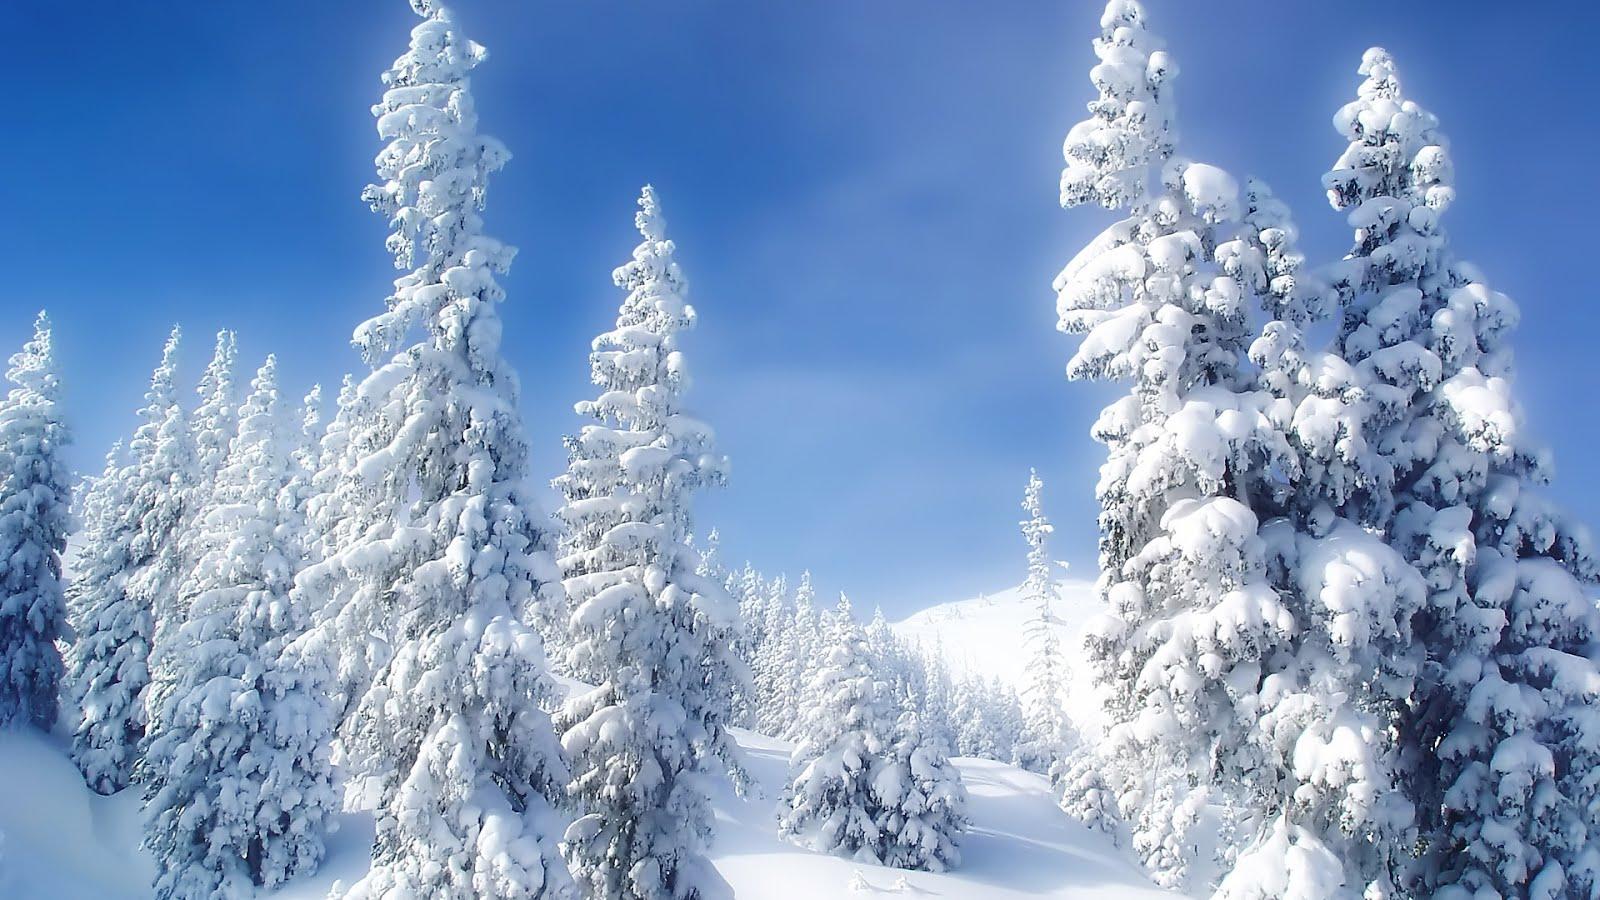 http://2.bp.blogspot.com/-N1AuJvDVn6U/T1E9jh78OPI/AAAAAAAAAOM/SmHAkIQbODE/s1600/Winter_Wonderland_1920x1080-HDTV-1080p.jpg